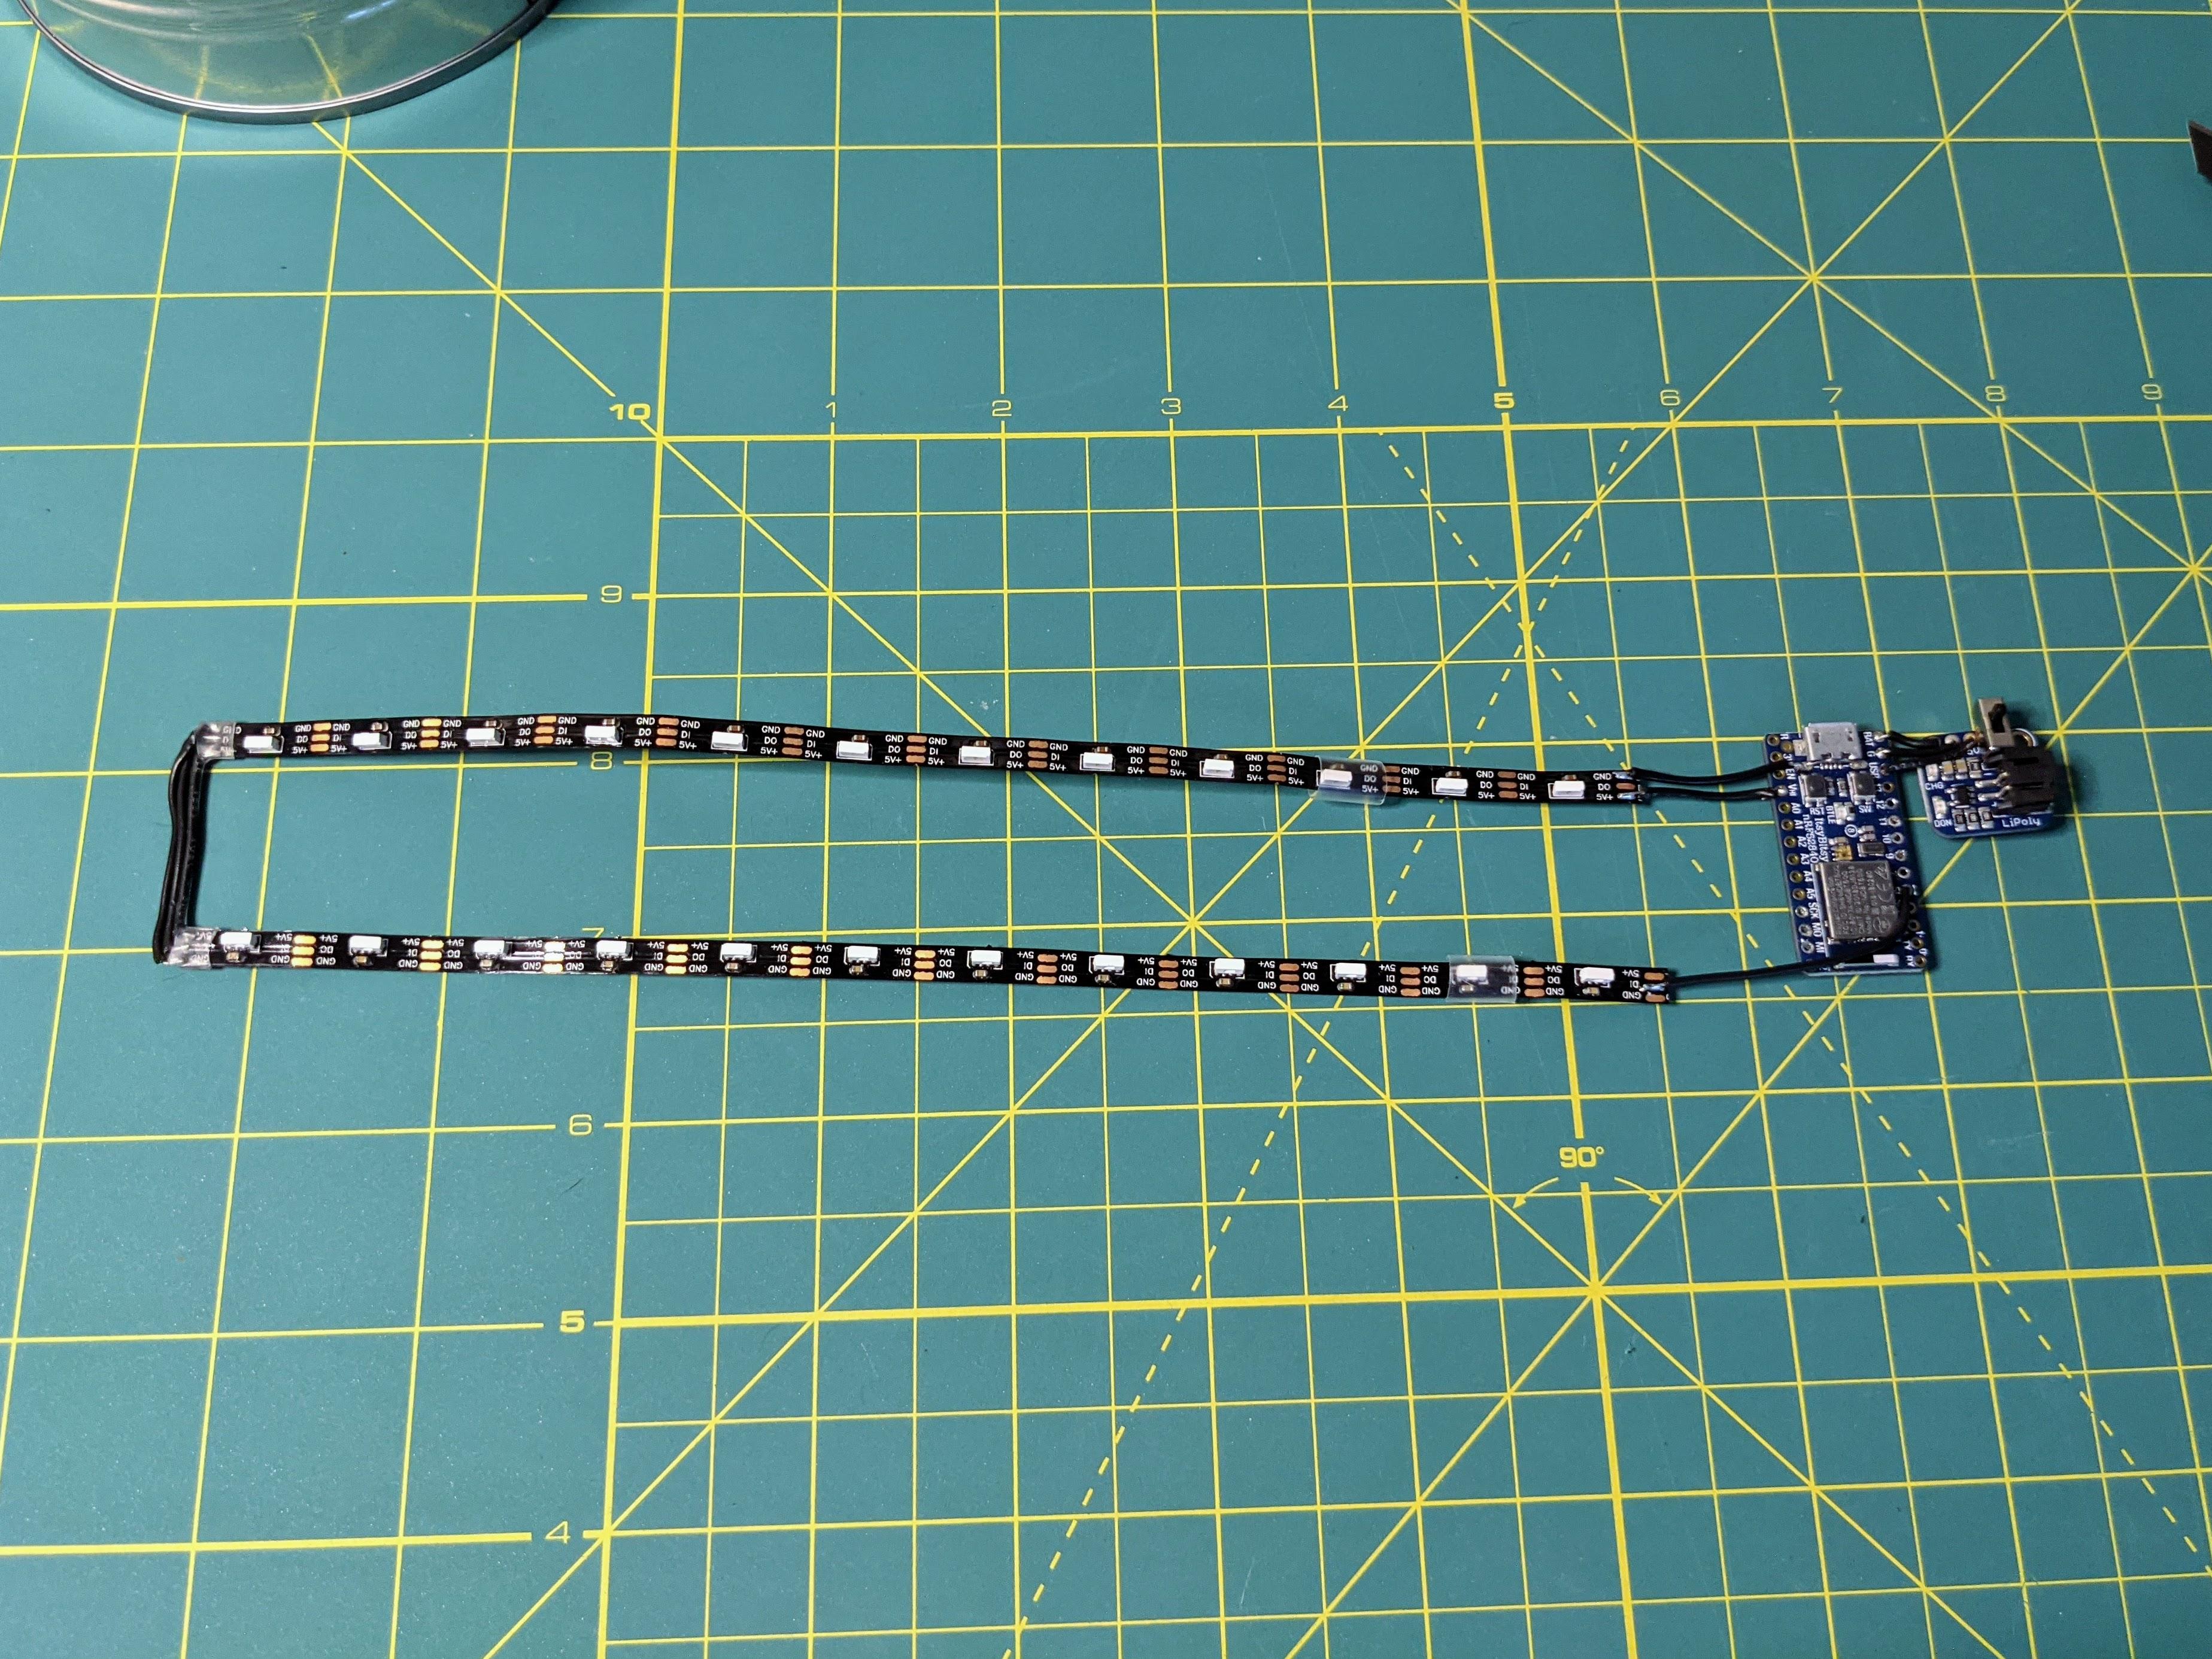 led_strips_PXL_20210125_002602705.jpg